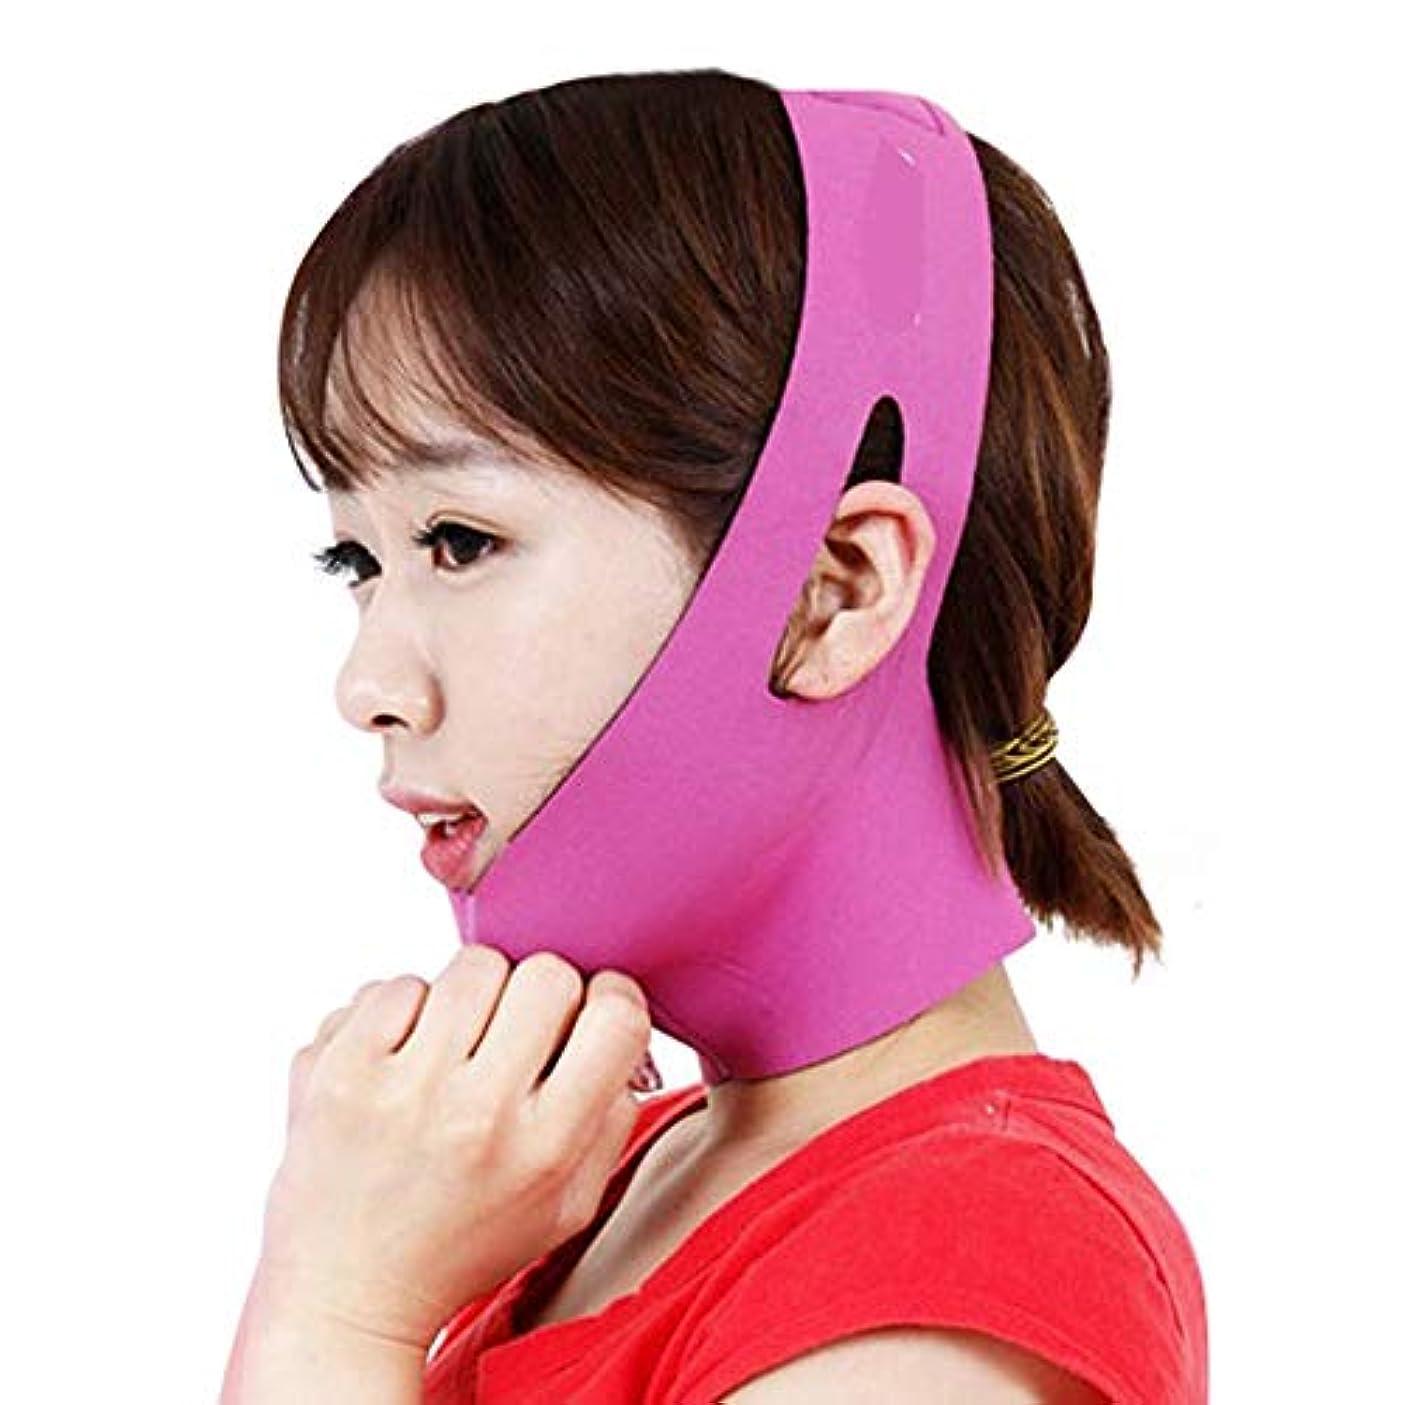 食堂やるおもてなしJia Jia- フェイシャルリフティング痩身ベルト圧縮二重あご減量ベルトスキンケア薄い顔包帯二重あごワークアウト 顔面包帯 (色 : ピンク)